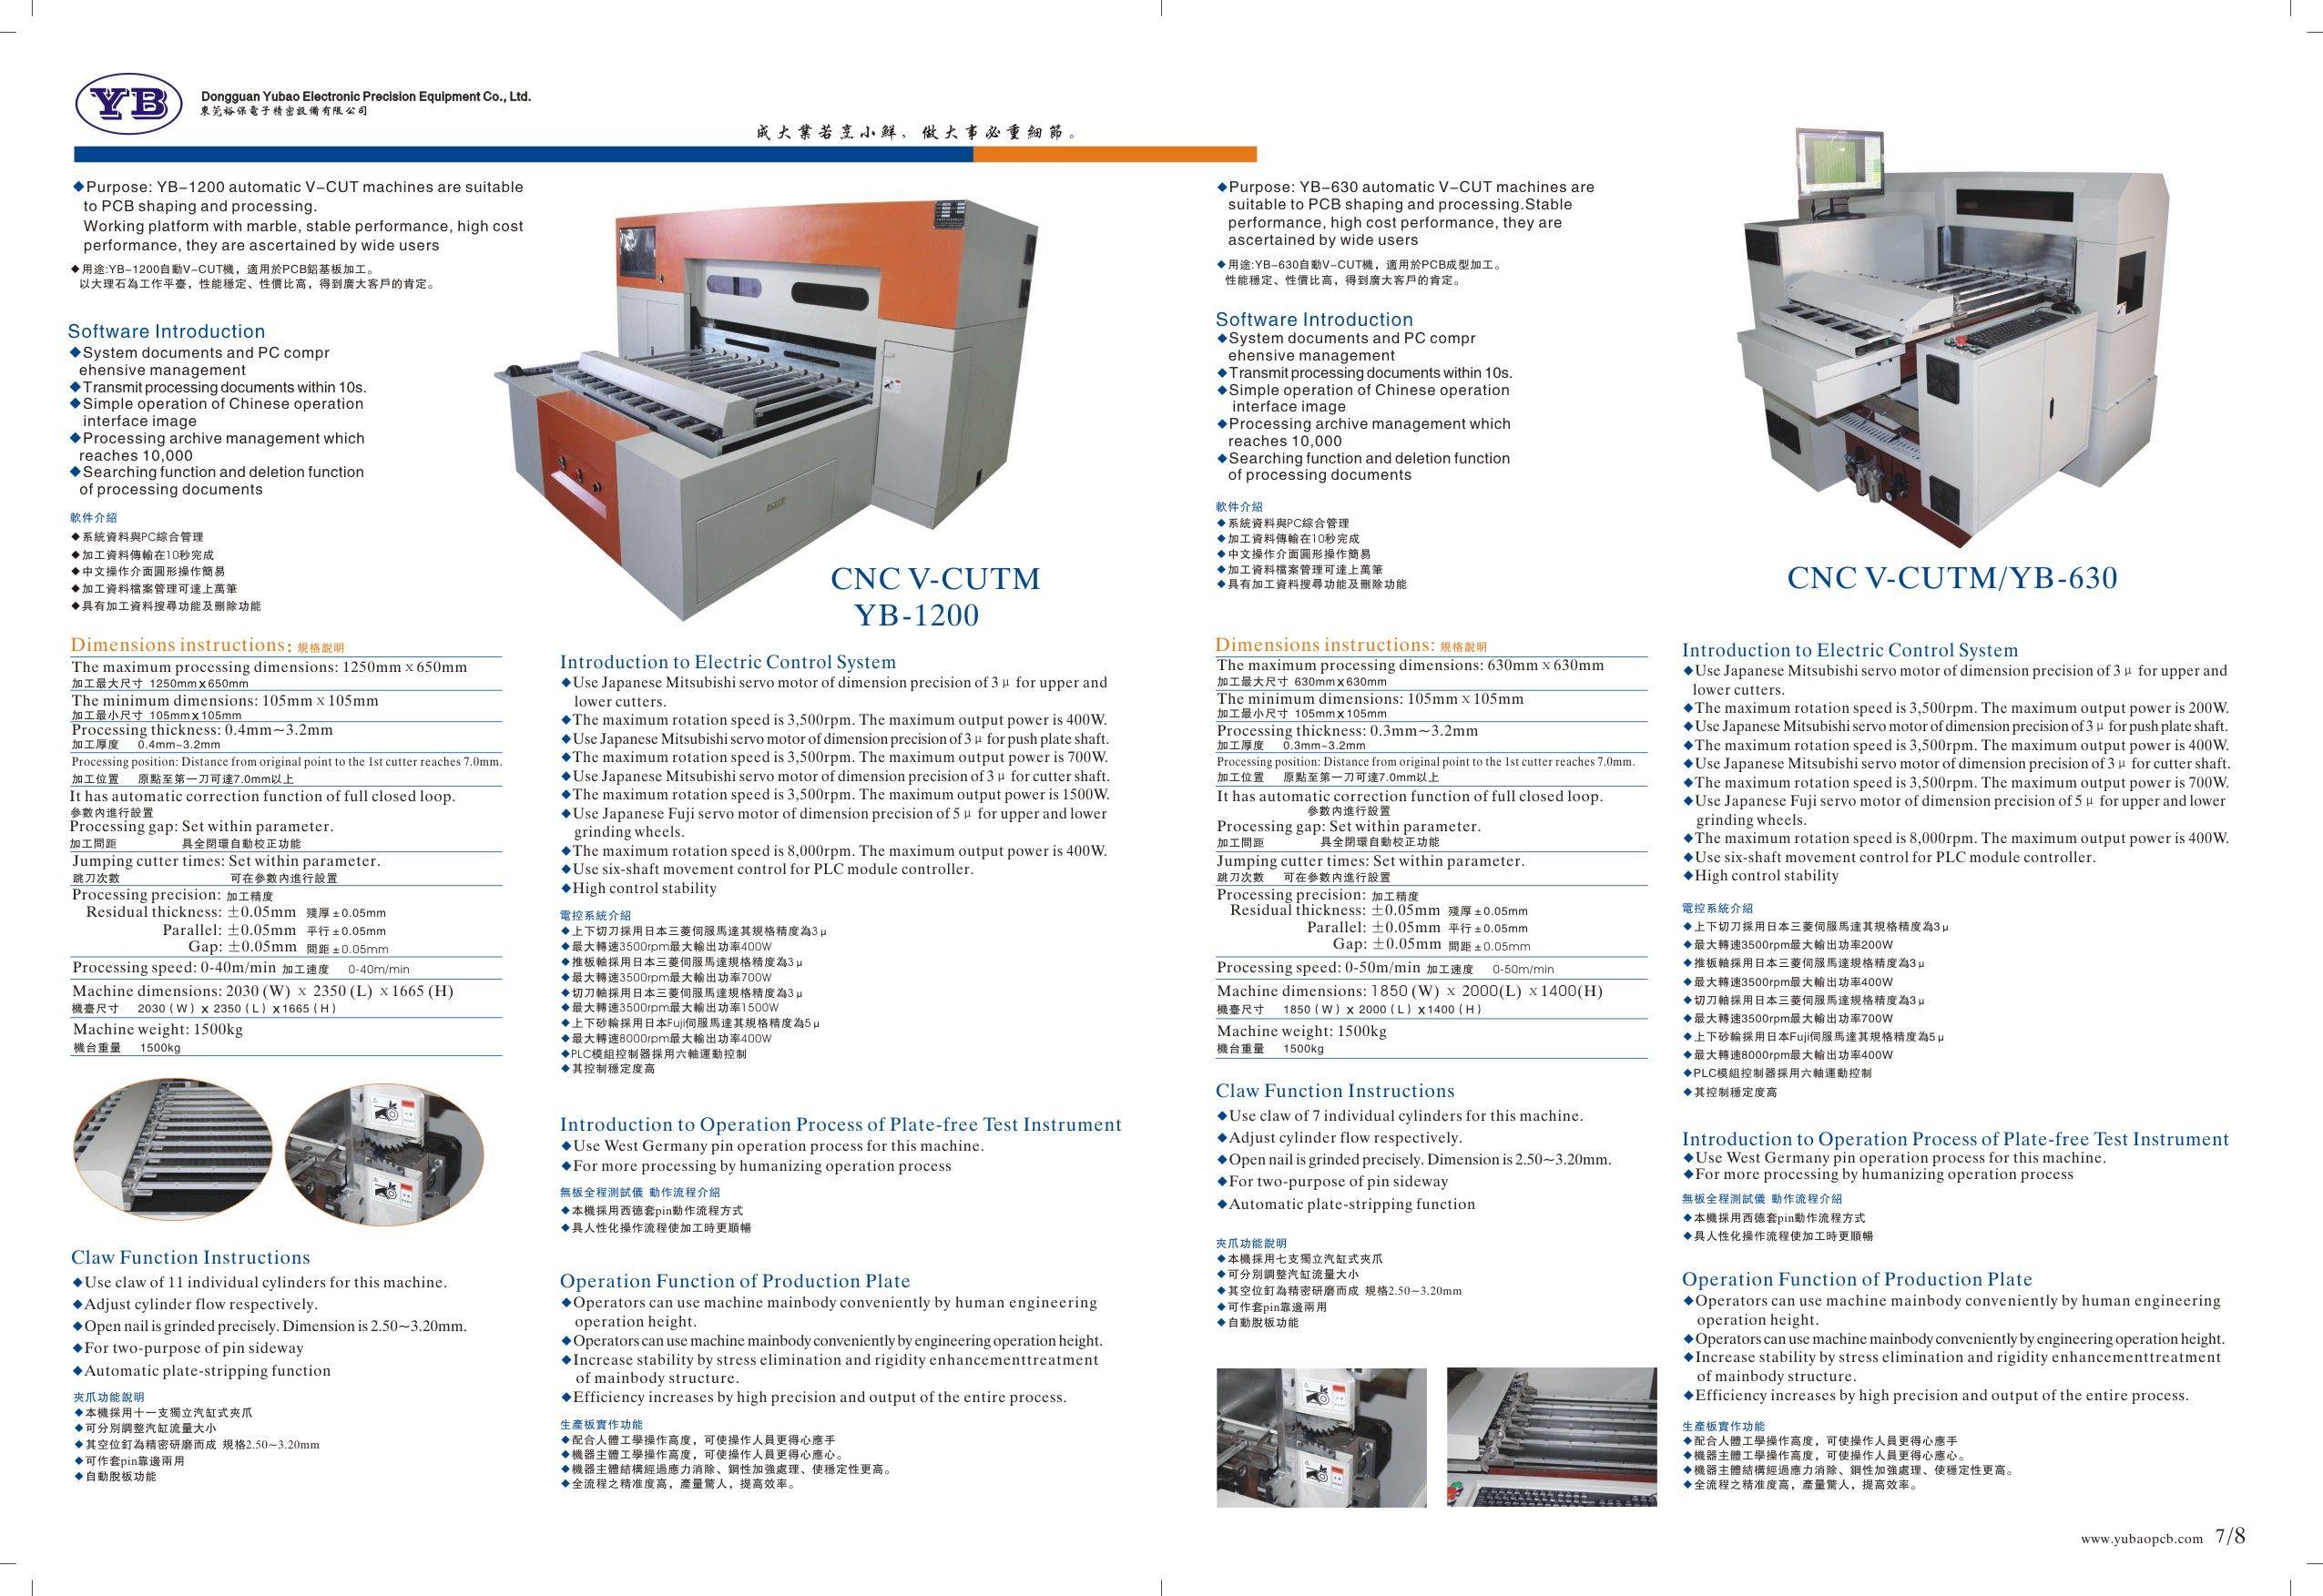 Dongguan Yubao Electronic Precision Equipment Co Ltd Tel 008613922904965 Email Sales Yubaopcb Com Wechat